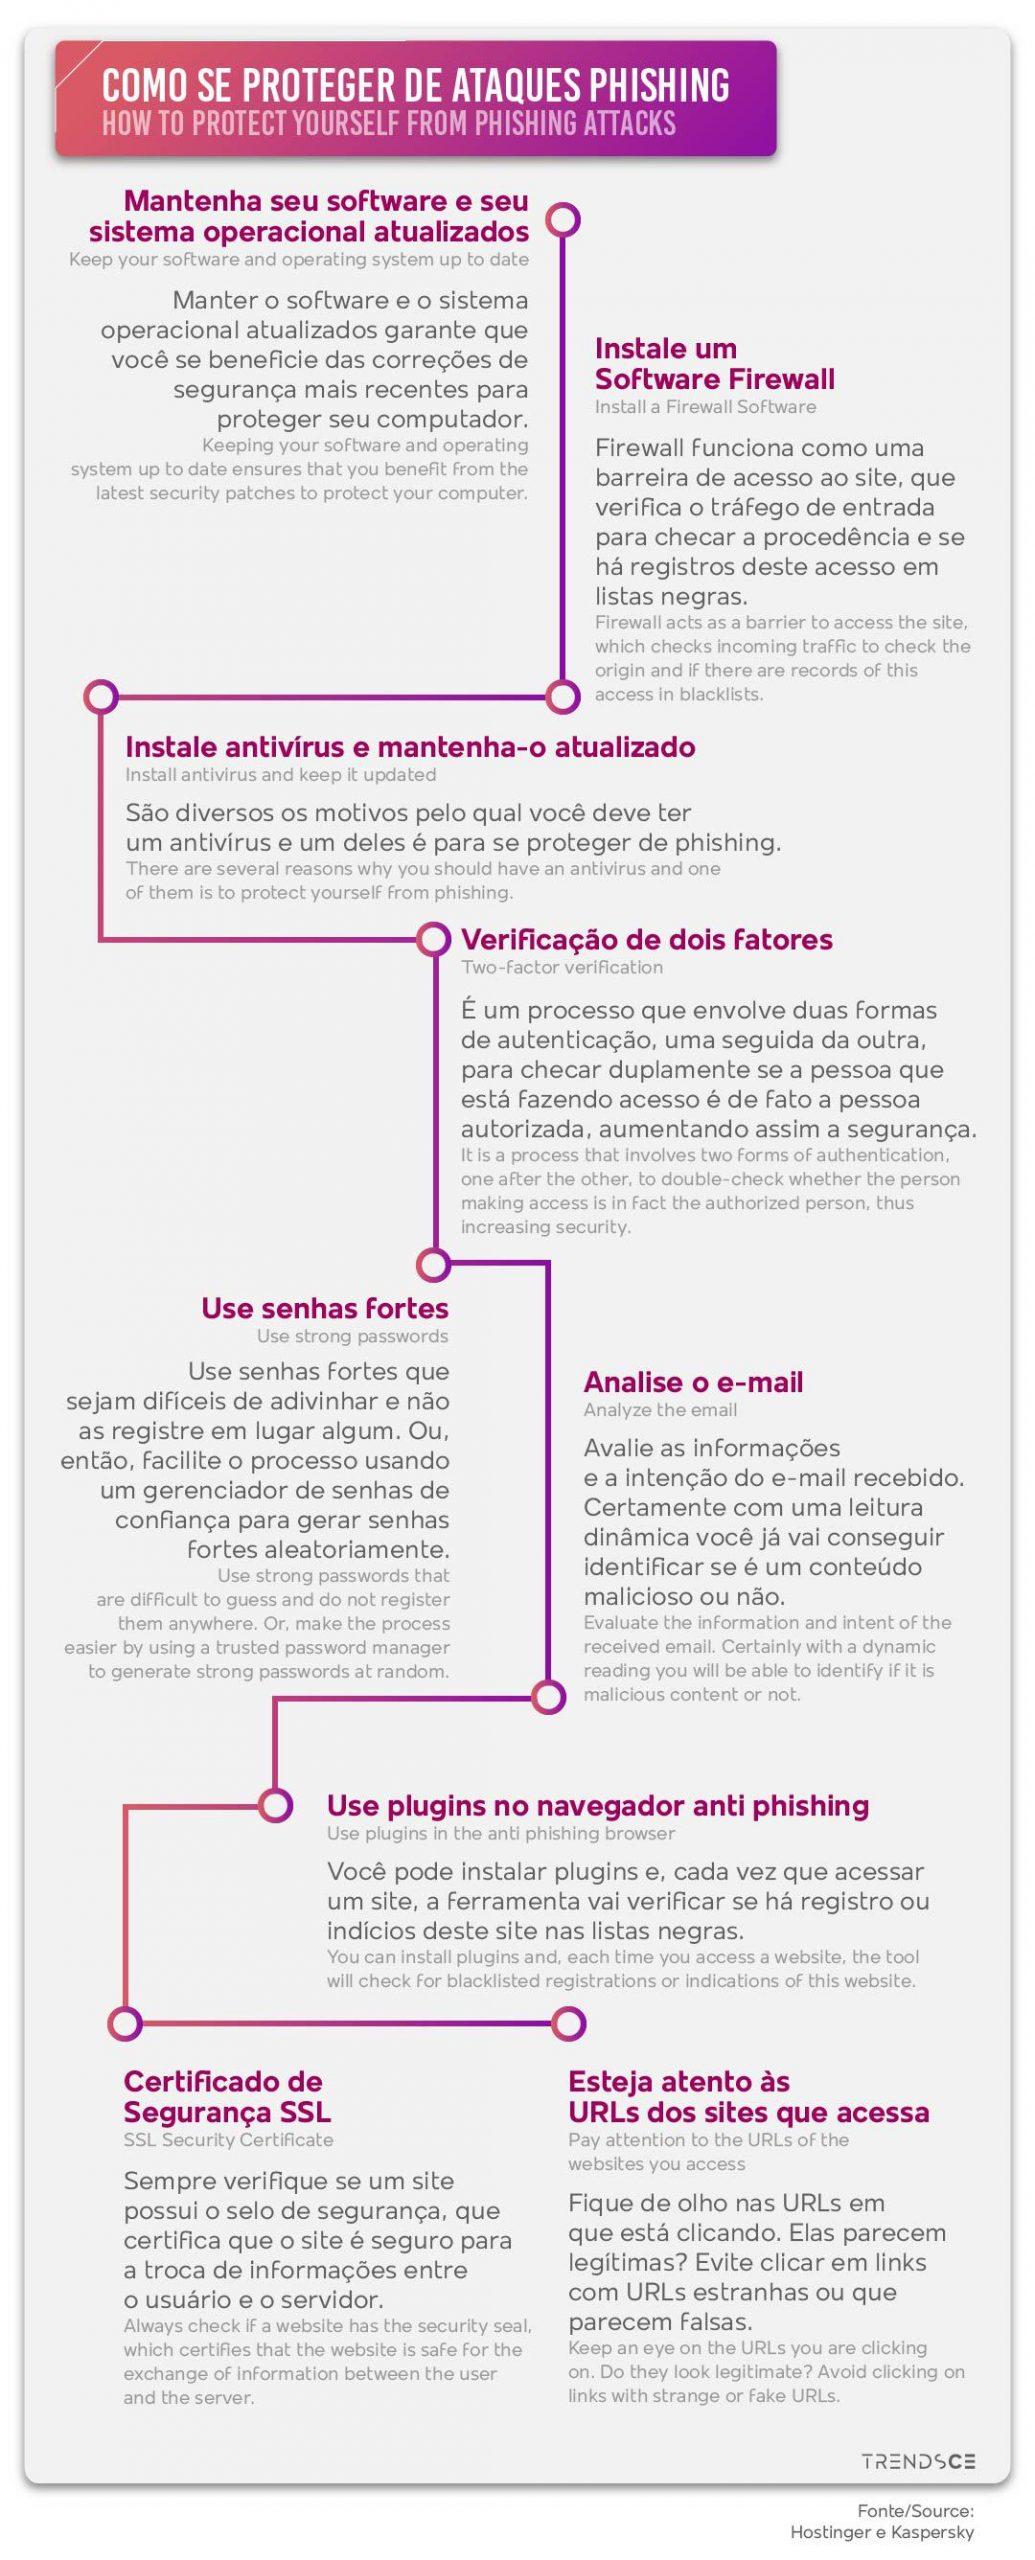 Como se proteger de ataques phishing